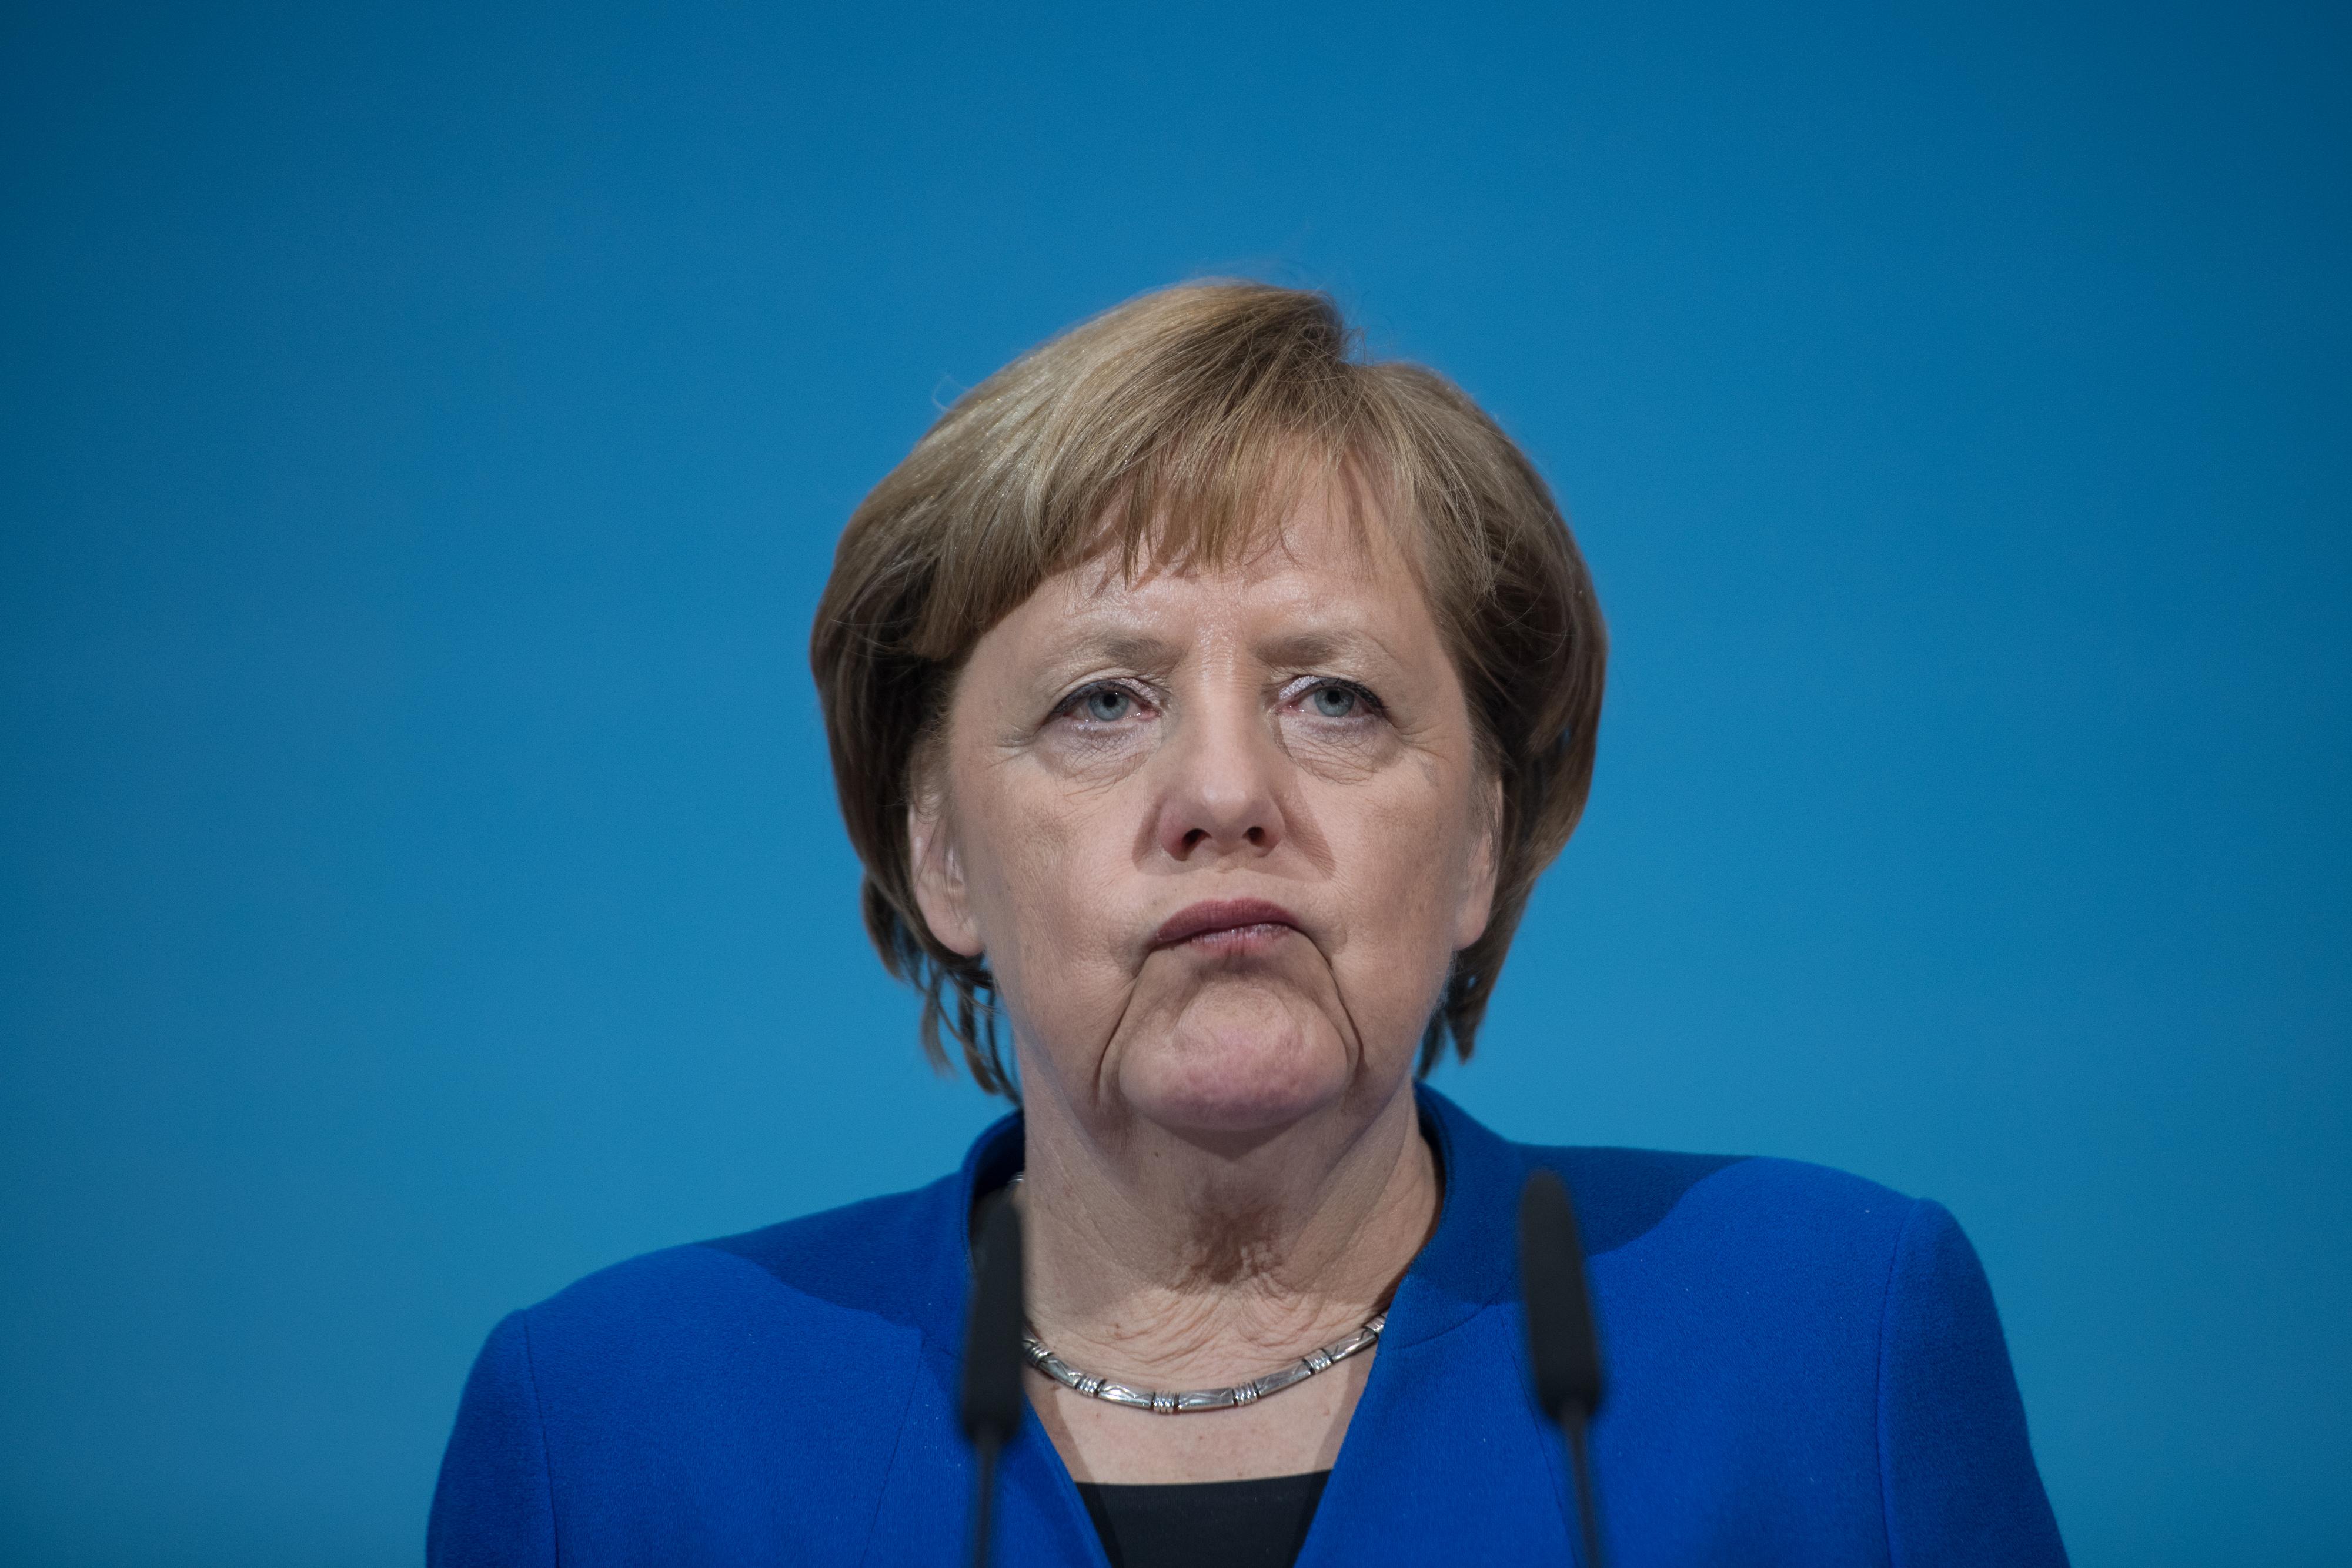 <p><strong>1. От какво се страхува Меркел?&nbsp;</strong>В. Кучета<br /> <strong>2. Как се казва мъжът на Меркел?&nbsp;</strong>А. Йоахим<br /> <strong>3. Къде е била Меркел, когато пада Берлинската стена?&nbsp;</strong>Б. На сауна</p>